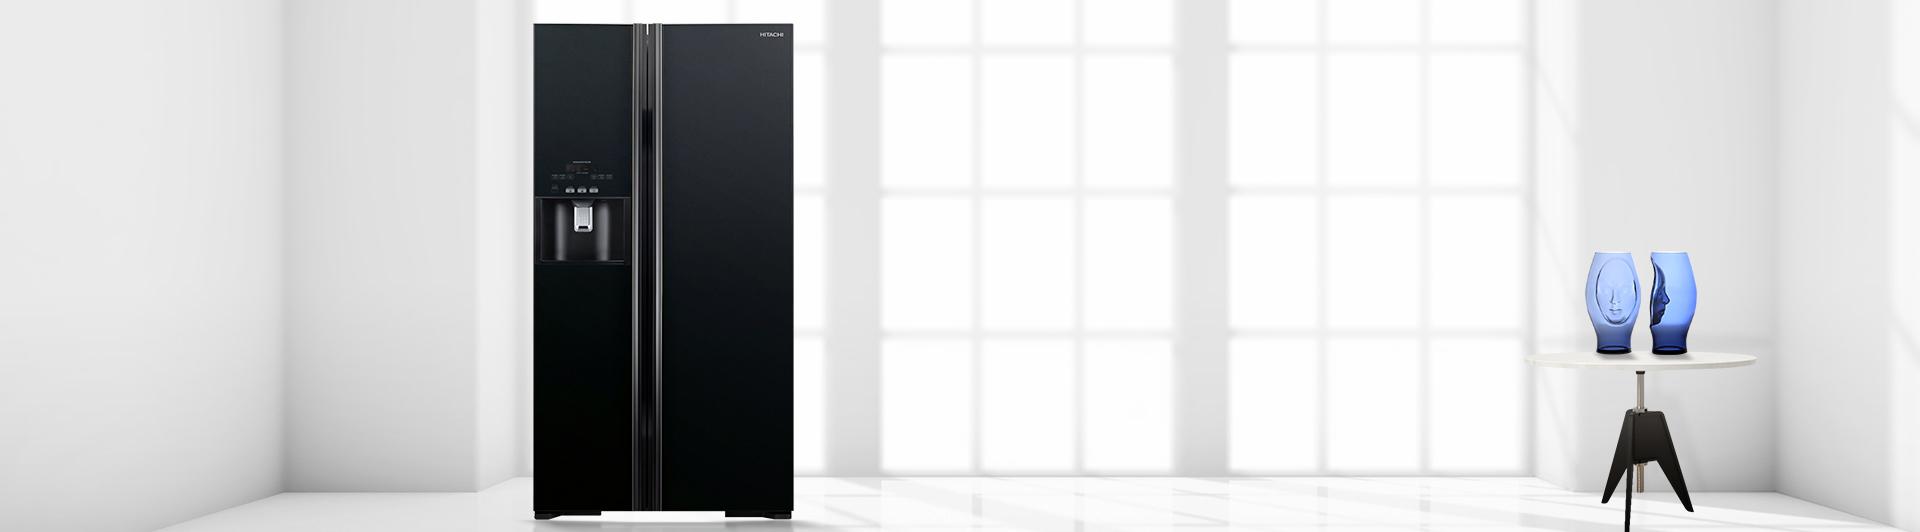 Tủ lạnh Hitachi R-S700GPGV2 589 lít đen giá tốt tại Nguyễn Kim